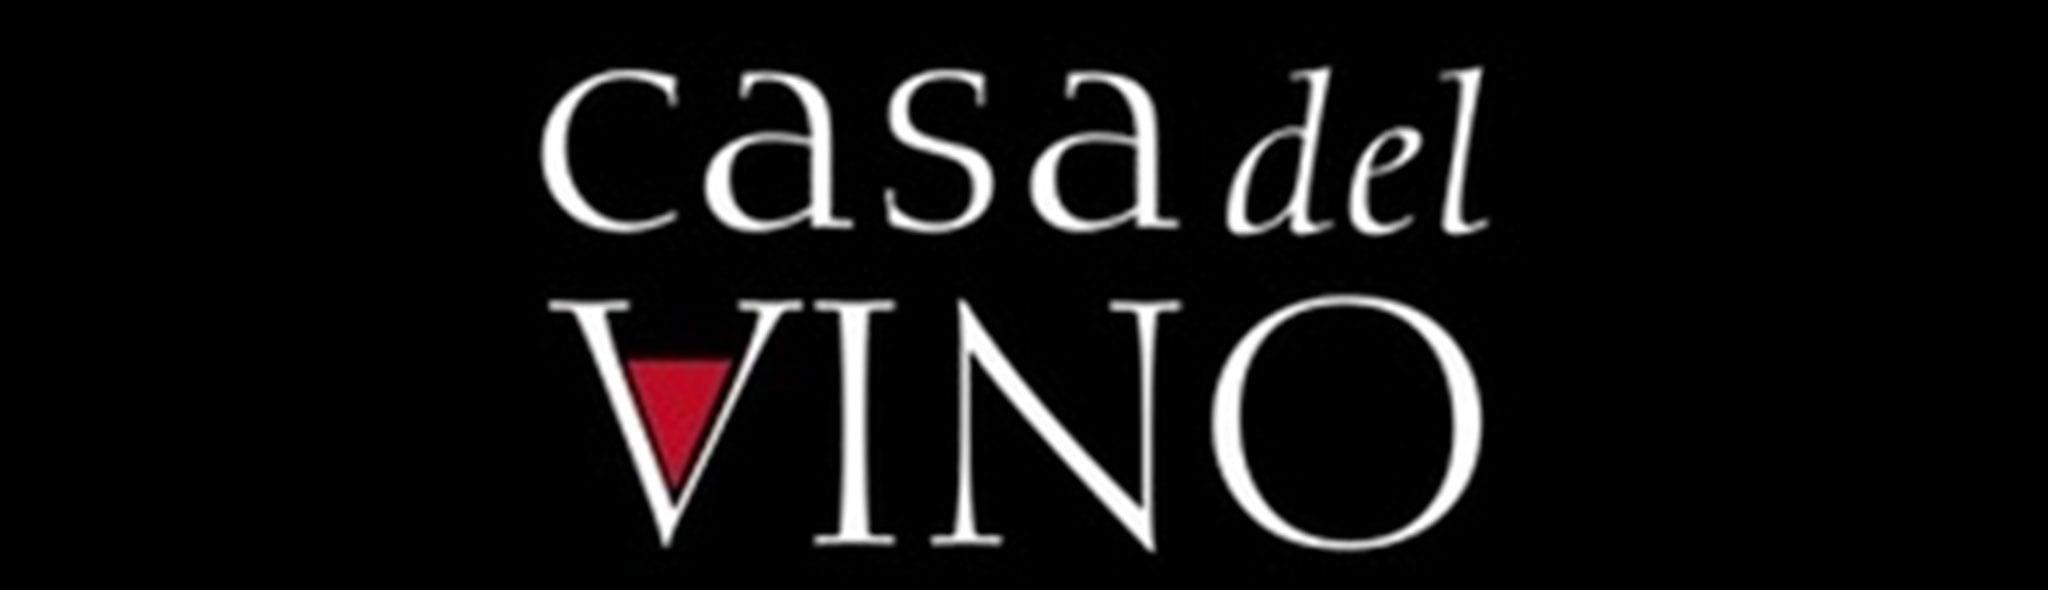 Logotipo Casa del Vino